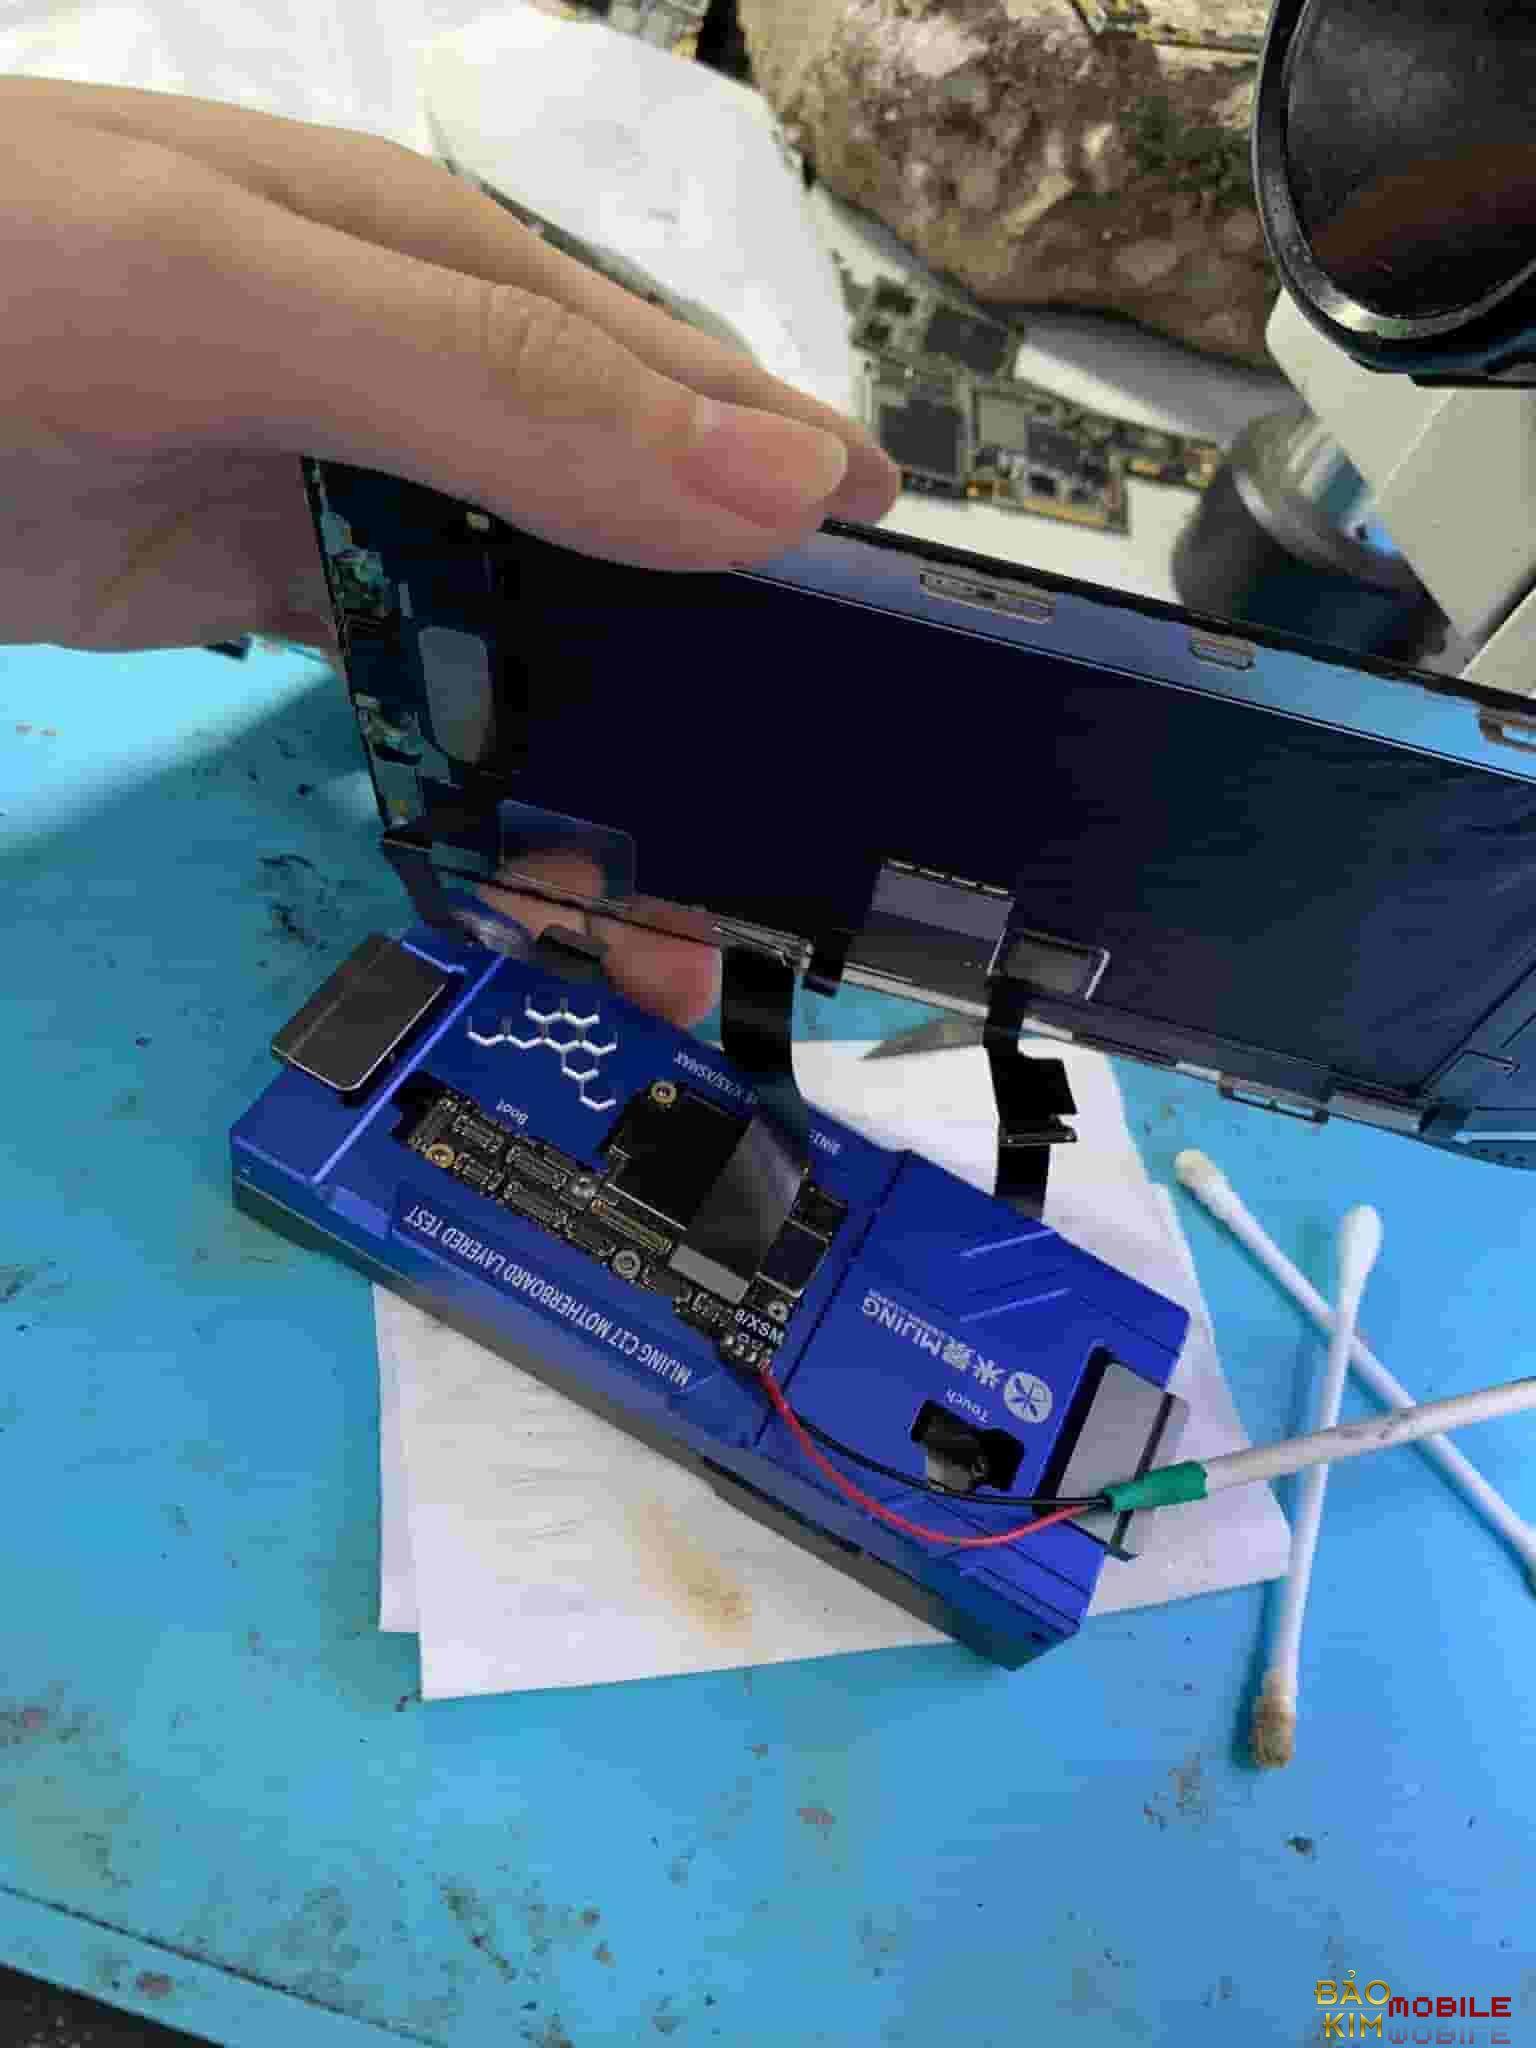 Lắp kiểm tra cảm ứng khi đã thay xong cảm ứng iPhone X Xs Max